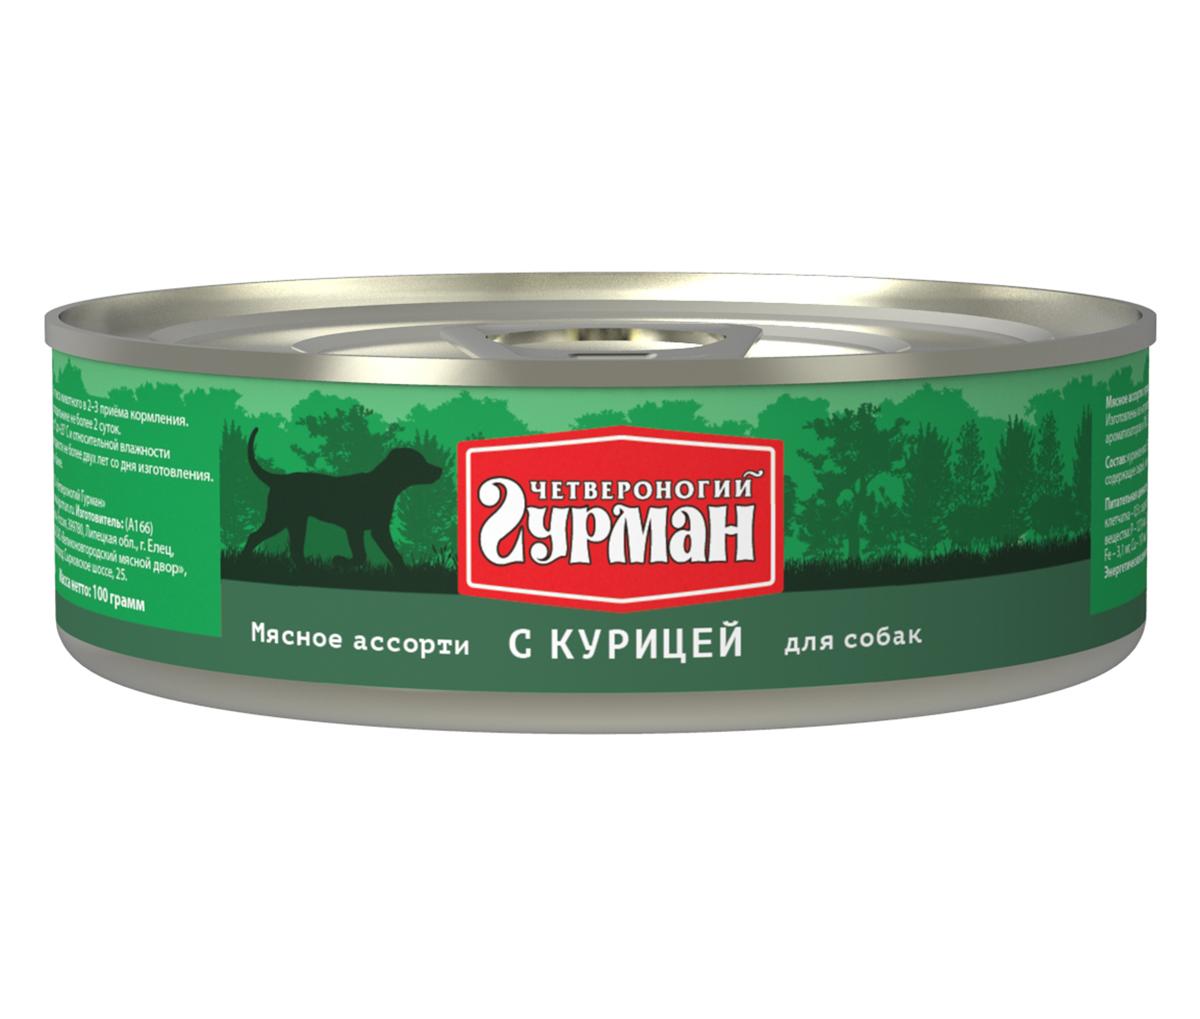 Консервы для собак Четвероногий гурман Мясное ассорти, с курицей, 100 г0120710Консервы для собак Четвероногий гурман Мясное ассорти - это влажный мясной корм суперпремиум класса, состоящий из разных сортов мяса и качественных субпродуктов. Корм не содержит синтетических витаминно-минеральных комплексов, злаков, бобовых и овощей. Никаких искусственных компонентов в составе: только натуральное, экологически чистое мясо от проверенных поставщиков. По консистенции продукт представляет собой кусочки из фарша размером 3-15 мм. В состав входит коллаген. Его компоненты (хондроитин и глюкозамин) положительно воздействуют на суставы питомца. Состав: куриное мясо (33%), рубец (20%), легкое, сердце, печень, коллагенсодержащее сырье, животный белок, масло растительное, вода. Пищевая ценность (в 100 г продукта): протеин 12 г, жир 7,4 г, клетчатка 0,5 г, сырая зола 2 г, влага 80 г. Минеральные вещества: P 127,4мг, Са 9,5 мг, Na 161,5 мг, Cl 195,8 мг, Mg 13,5 мг, Fe 3,1 мг, Cu 197 мкг, I 3,12 мкг. Витамины: А, E, В1, В2, B3, B5, B6. Энергетическая ценность (на 100 г): 115 ккал. Товар сертифицирован.